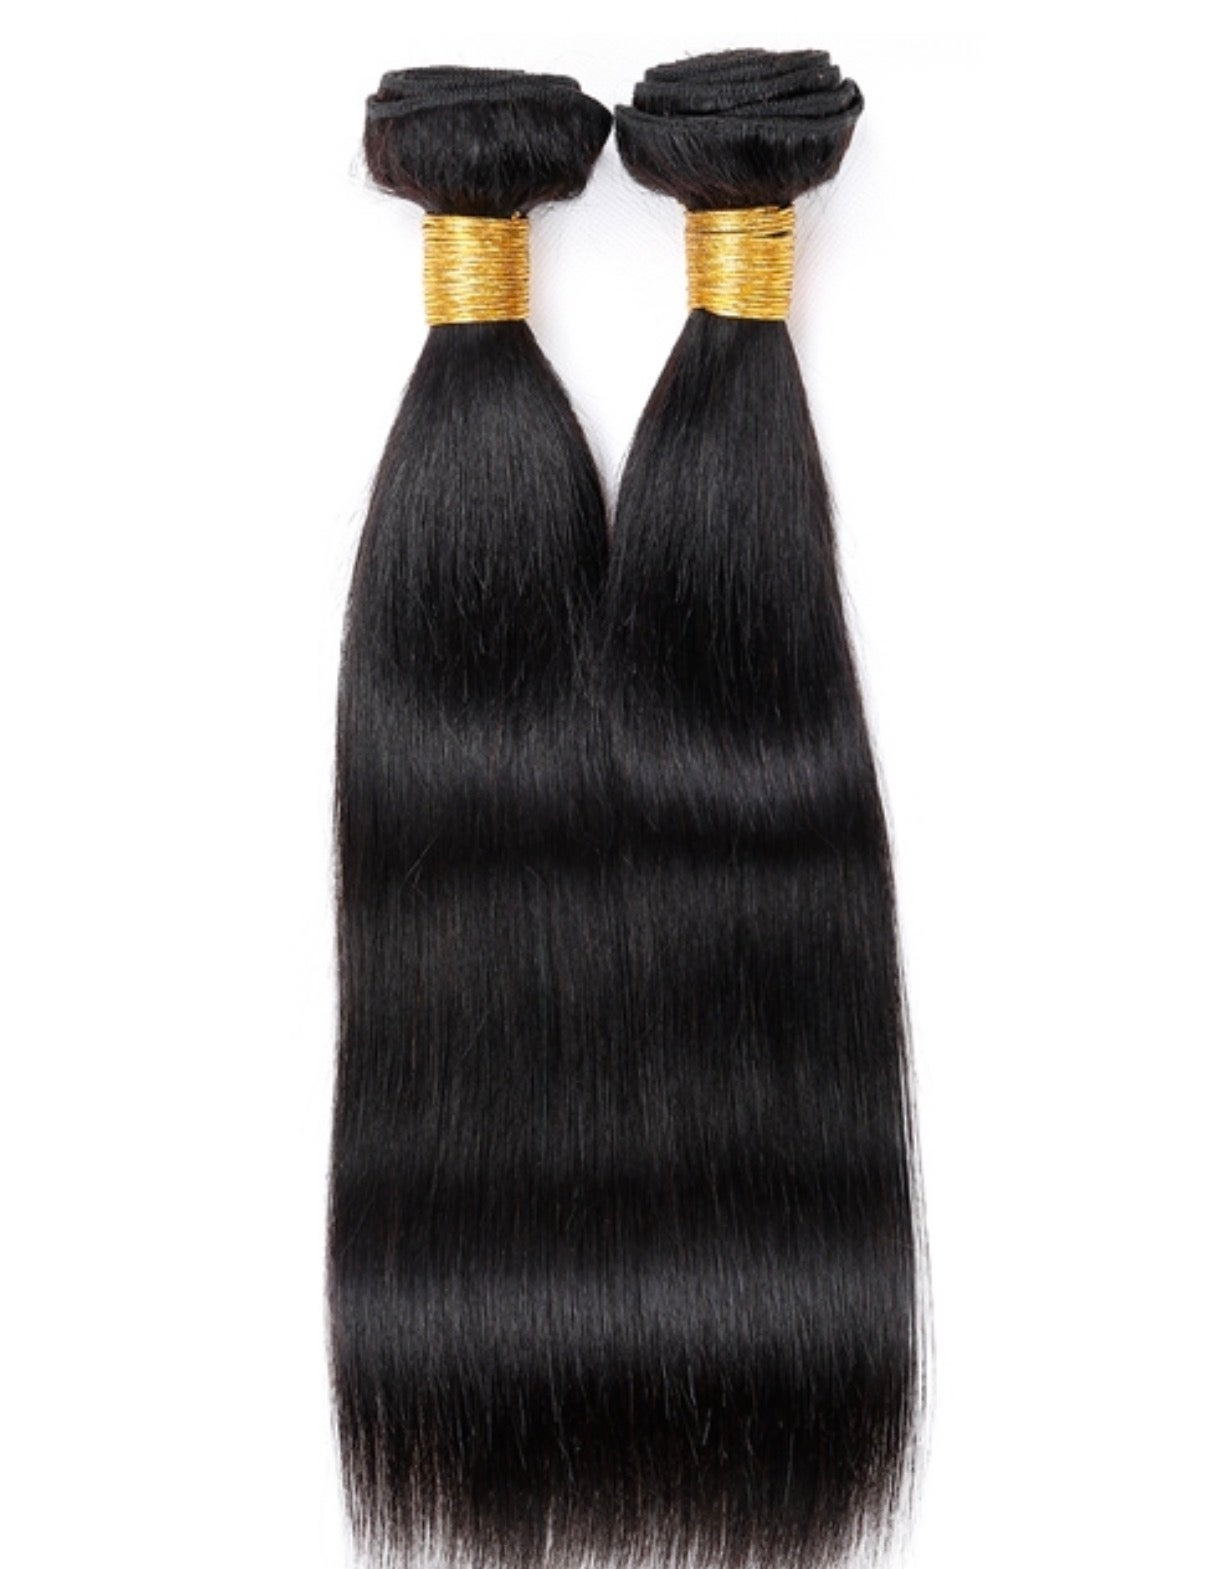 Home / Hair Jewelz